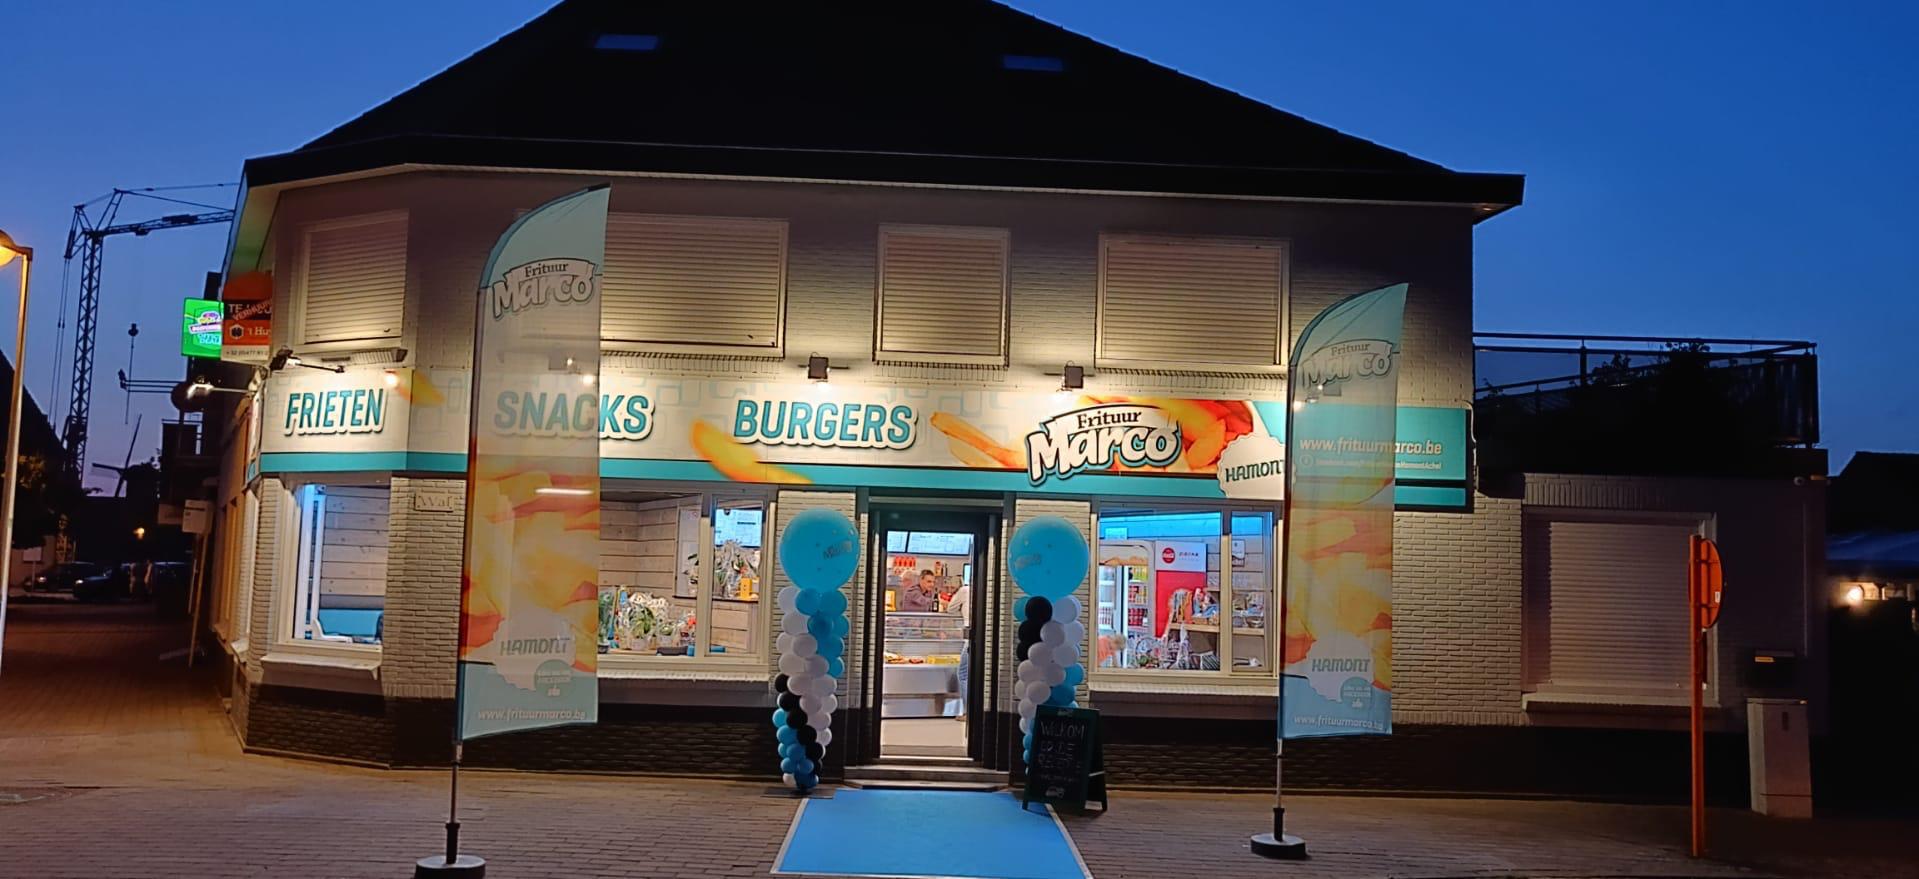 Van een verjaardagsfeest tot een groot evenement: Frituur Marco bvba is er voor u.